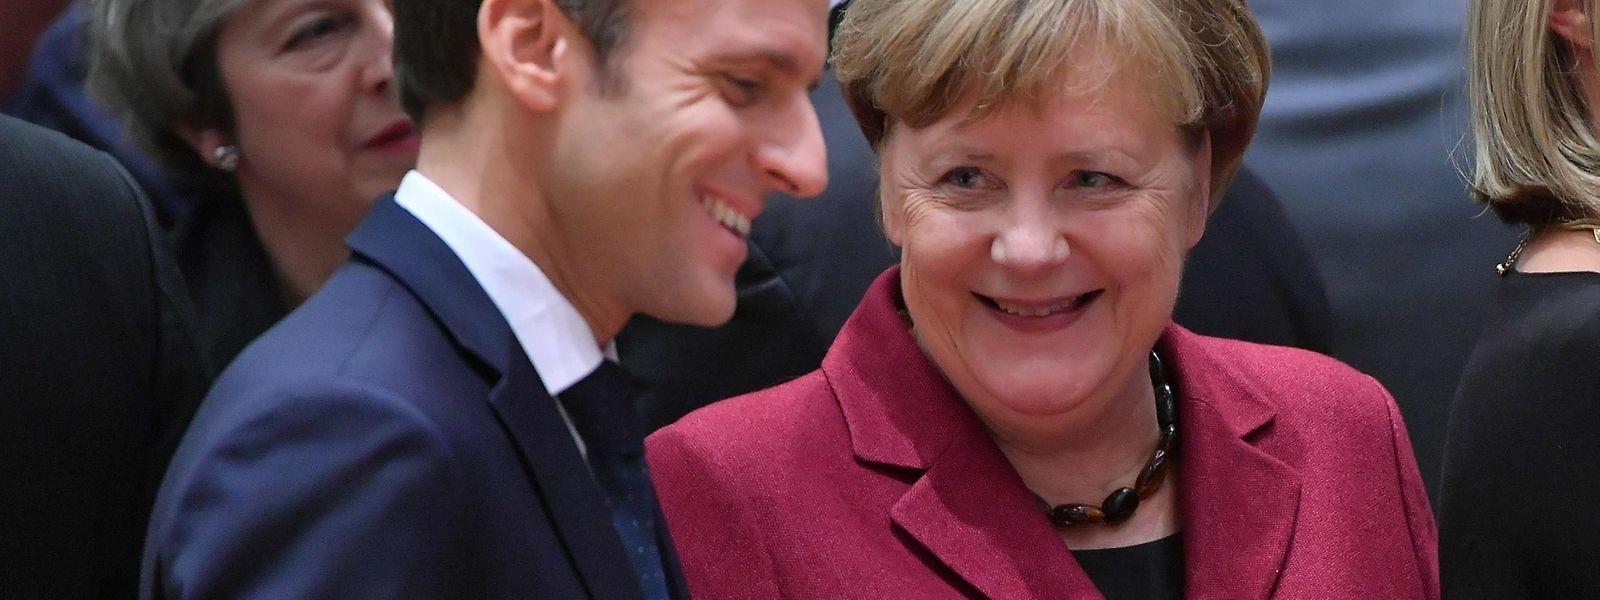 Emmanuel Macron (L) unterhielt sich zu Beginn des Treffens mit  Angela Merkel.